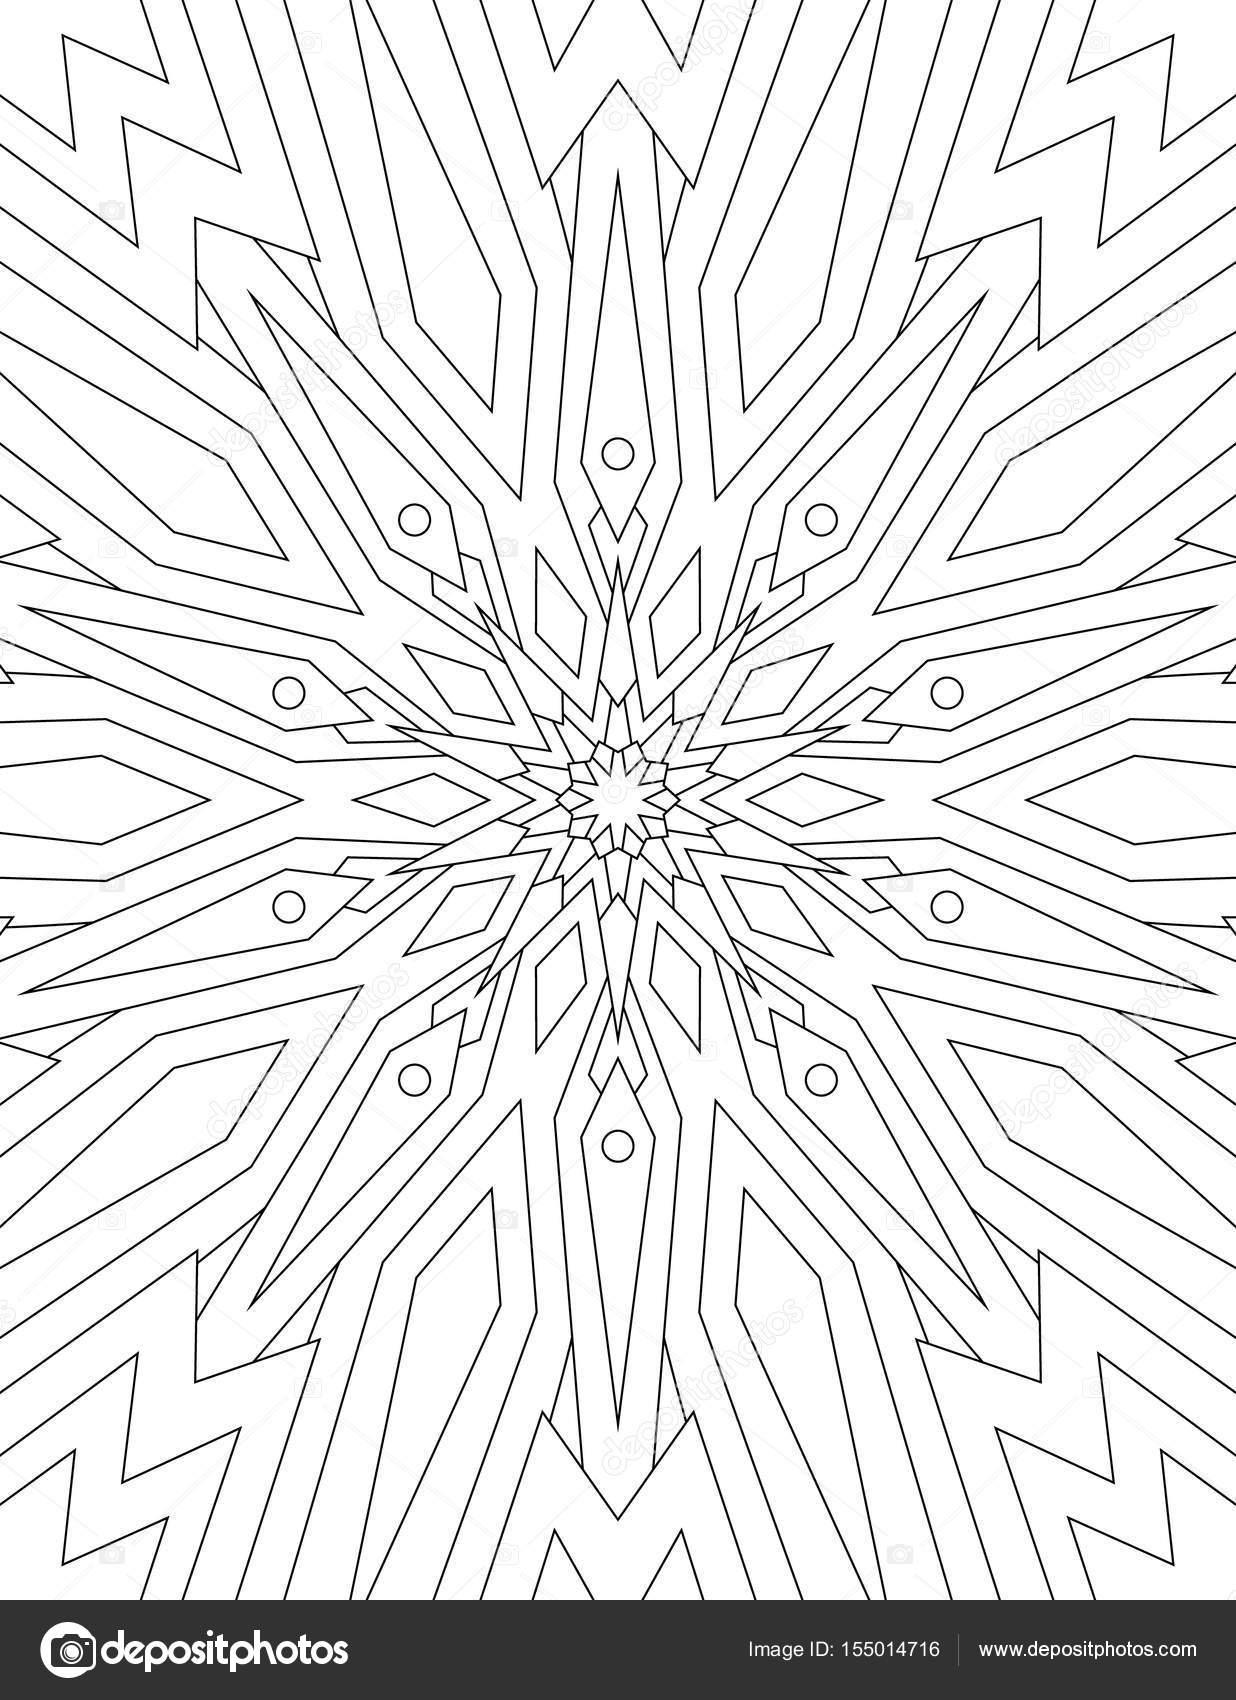 Dorable Coloriage Mandala Ethnique Lignes Symetriques Mold ...